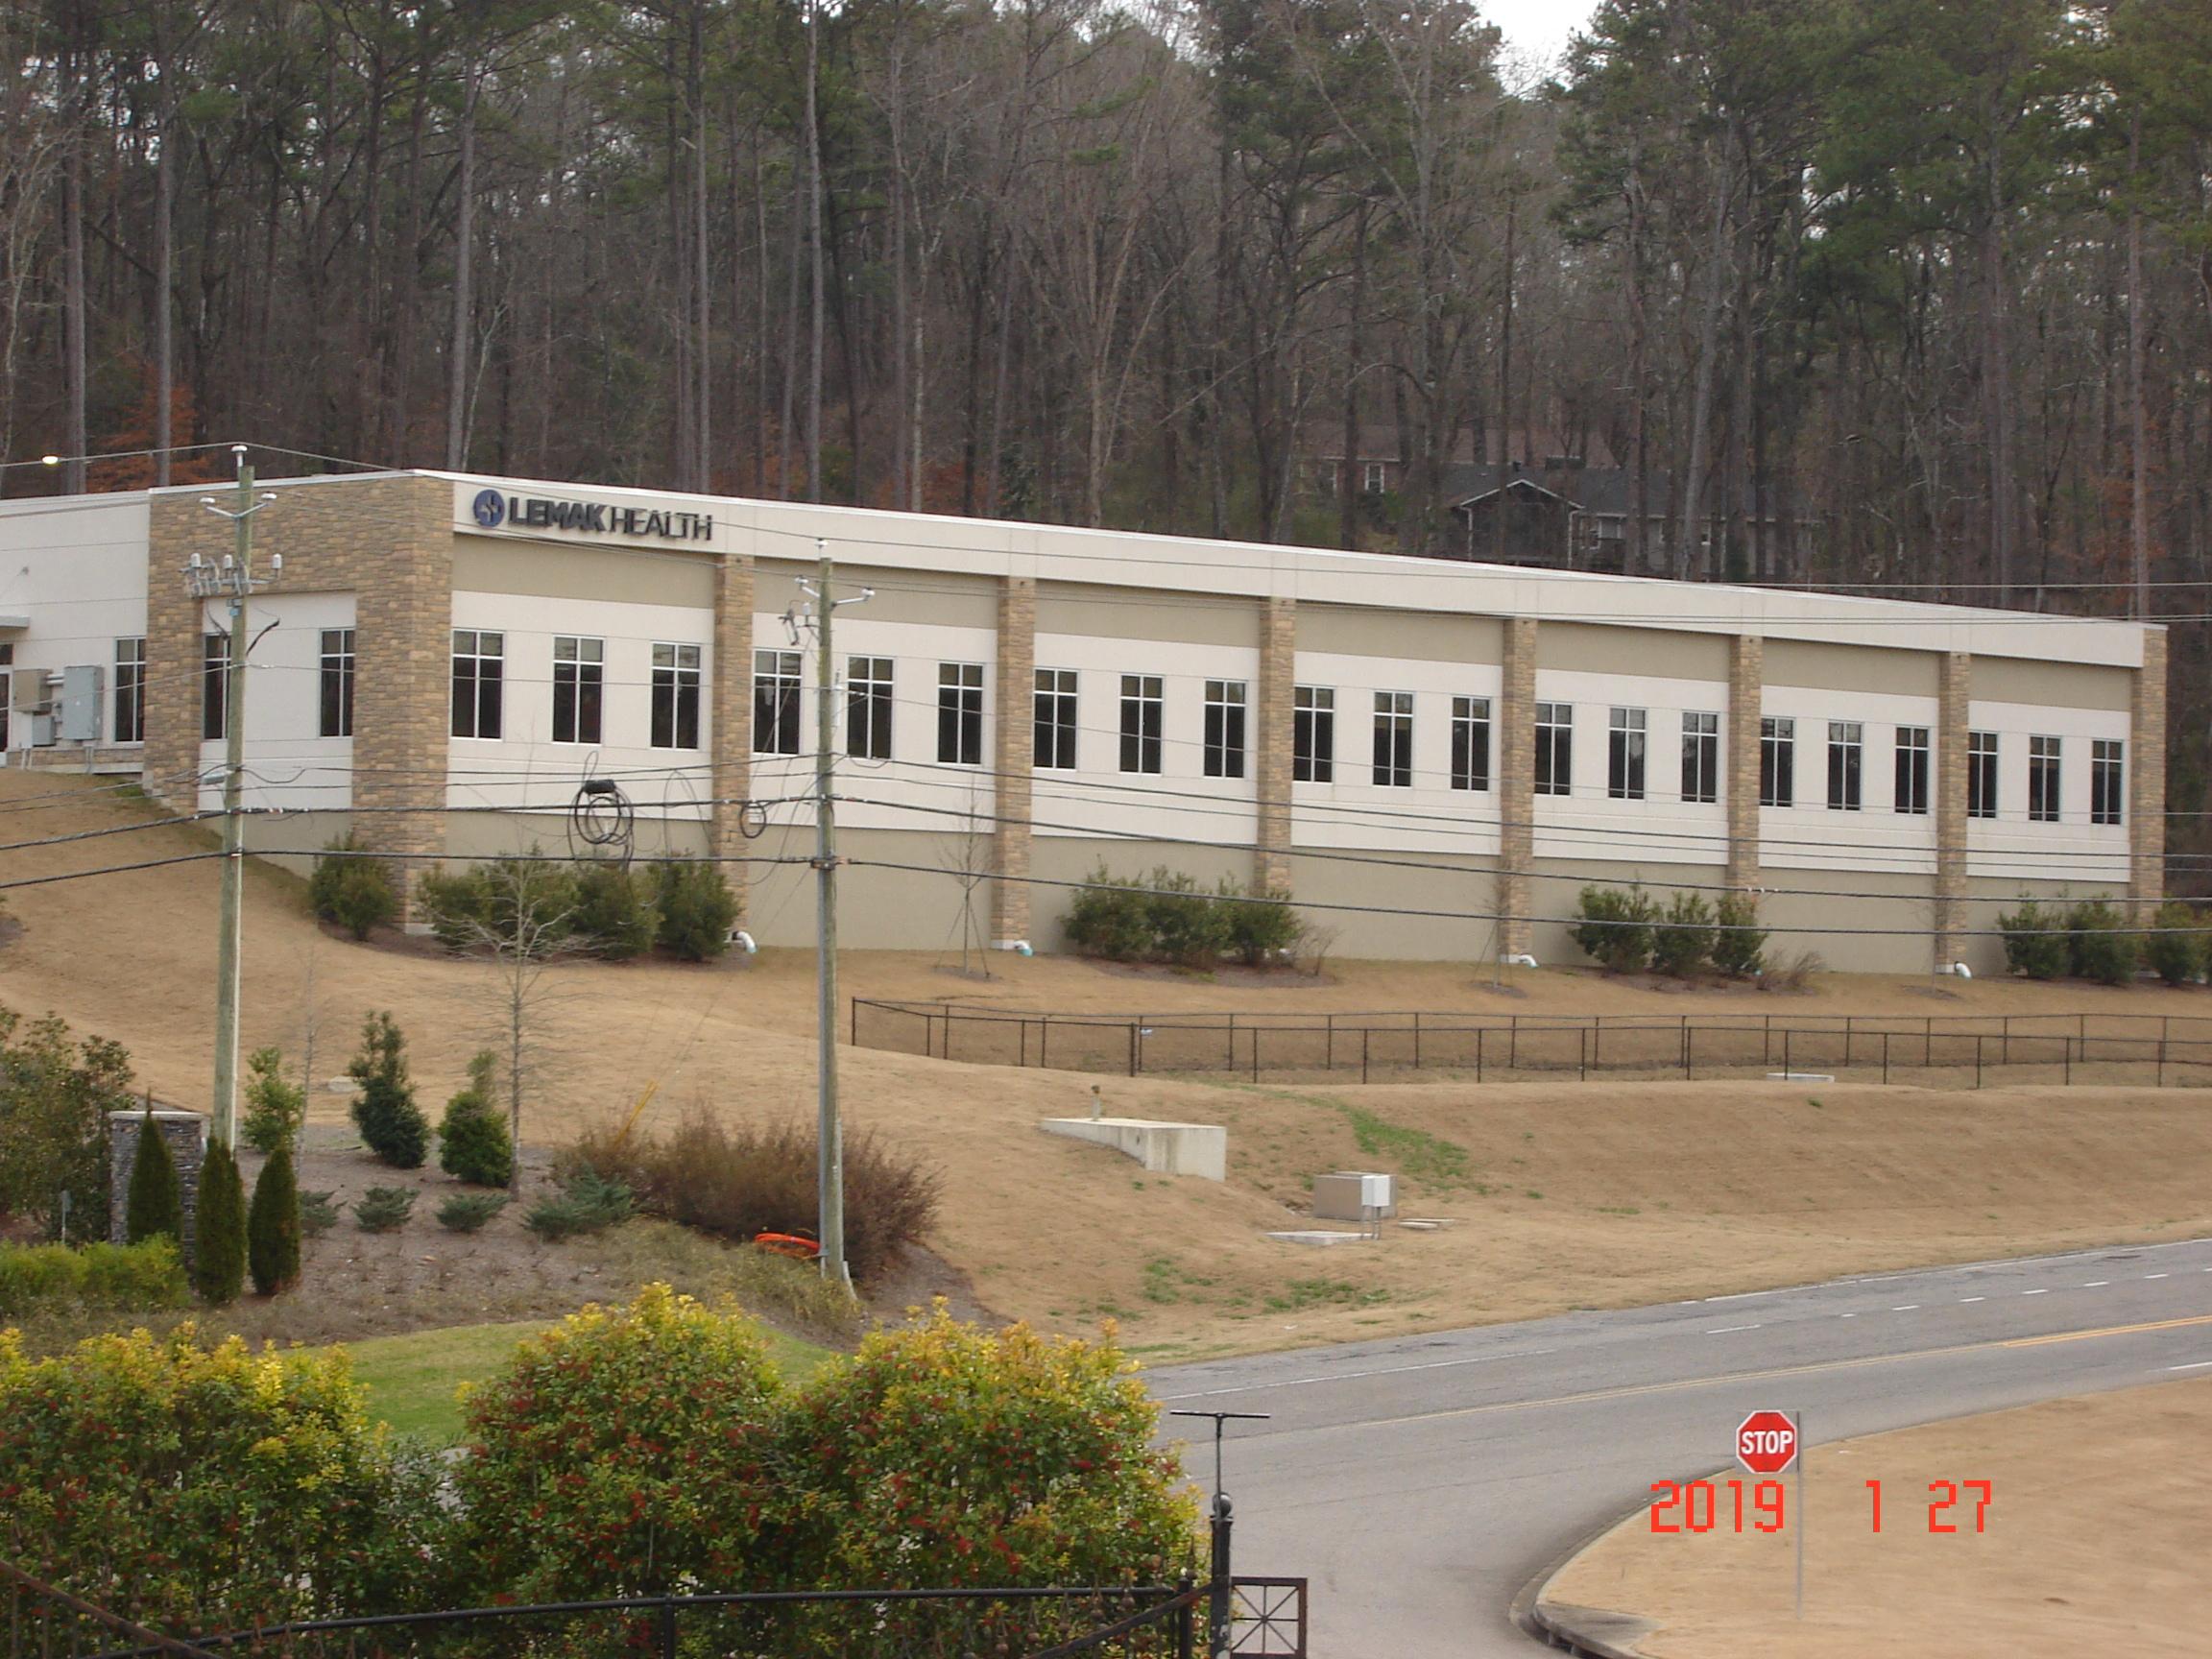 LeMak, Grandview - Hoover, Alabama